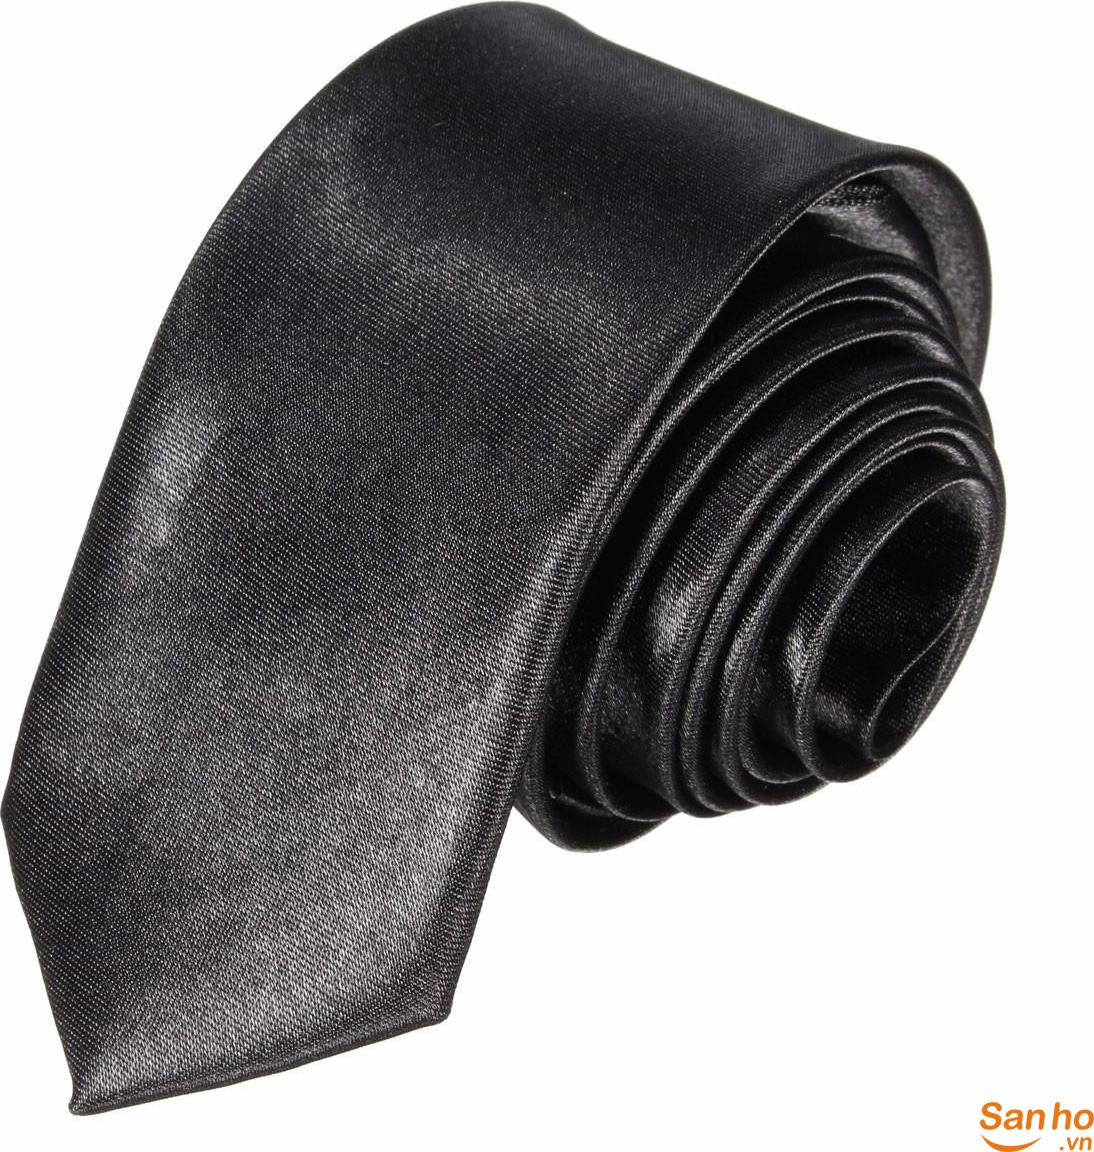 Bộ vest nam 6 nút màu xanh đen form ôm body chất liệu vải mềm mịn tặng combo phụ kiện